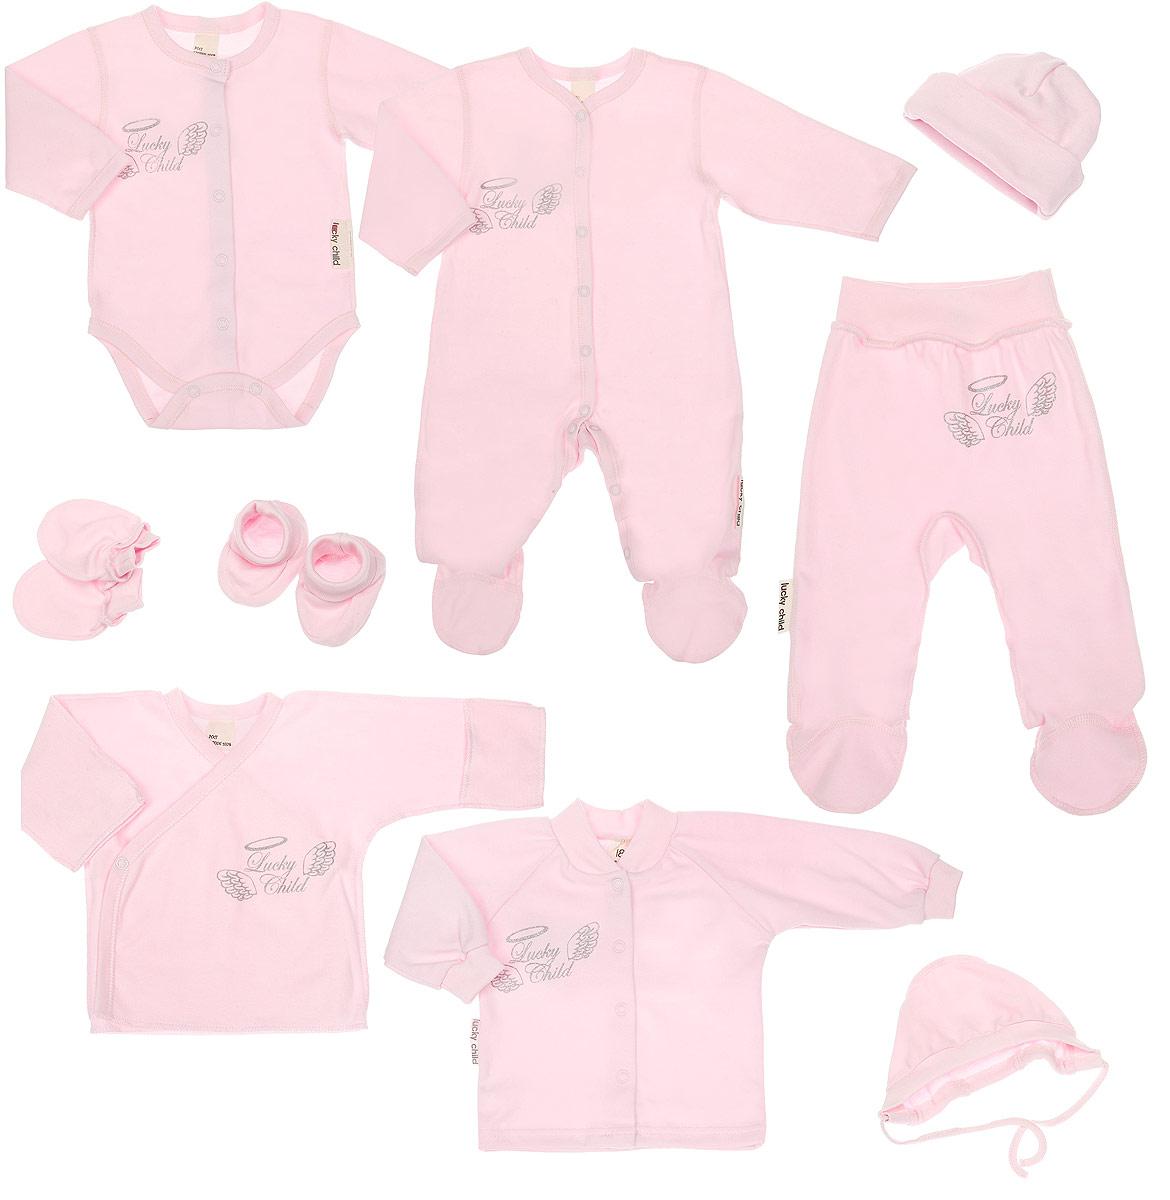 Подарочный комплект для новорожденного Lucky Child Ангелочки, цвет: розовый, 9 предметов. 17-1000. Размер 62/68